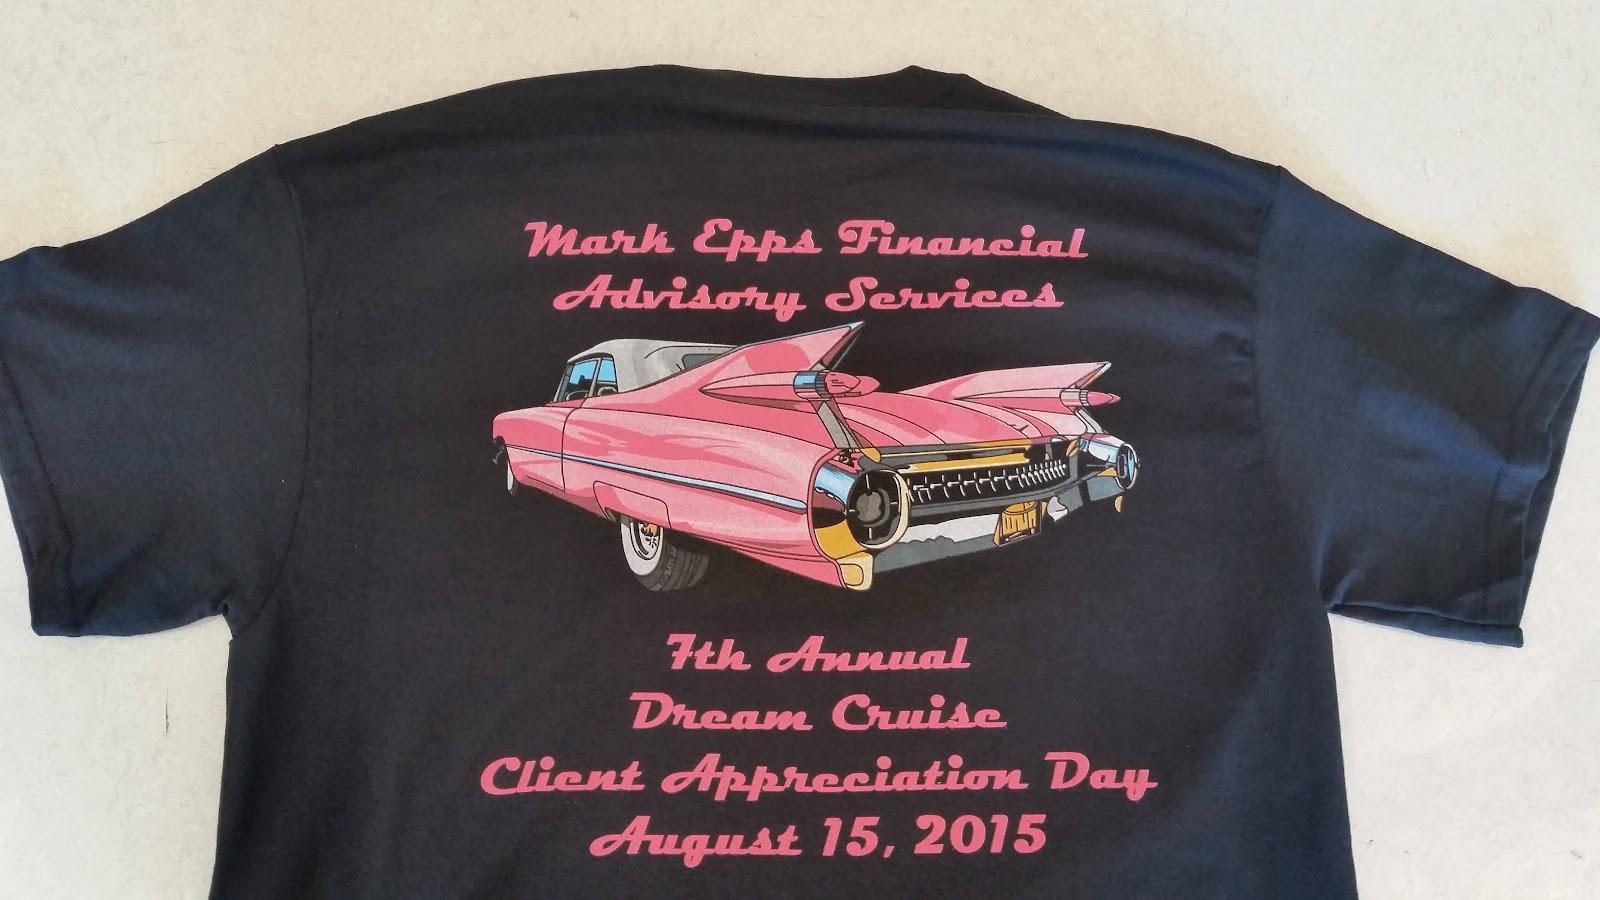 Cancer Benefit T Shirt Ideas - Car show t shirt design ideas